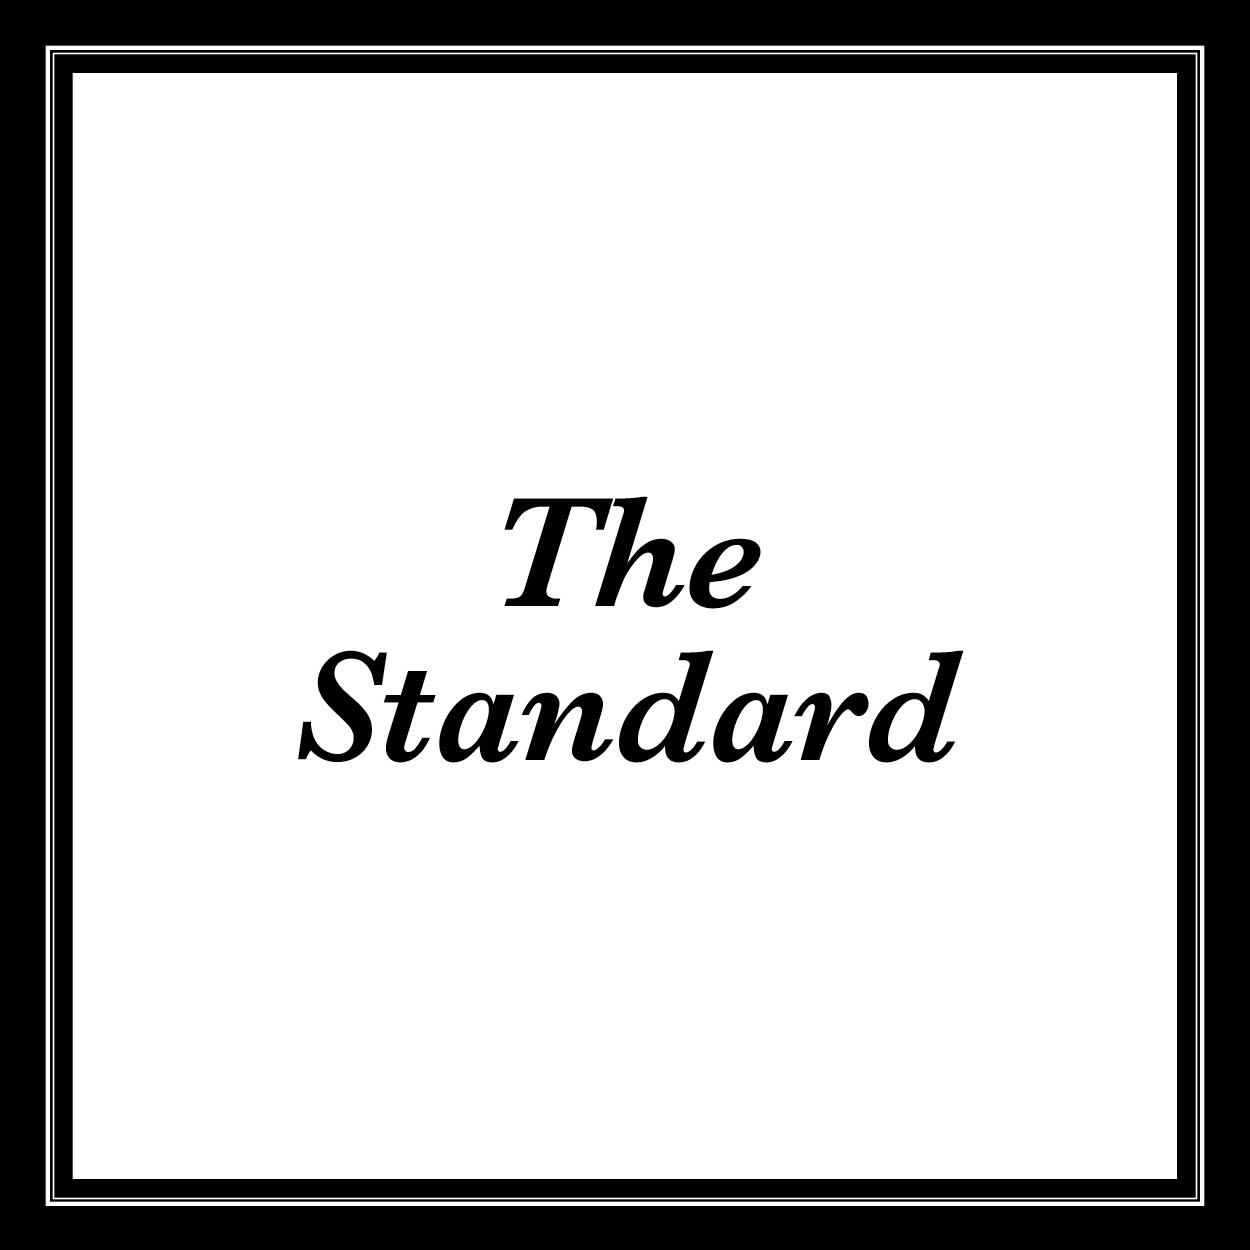 Thb standard text